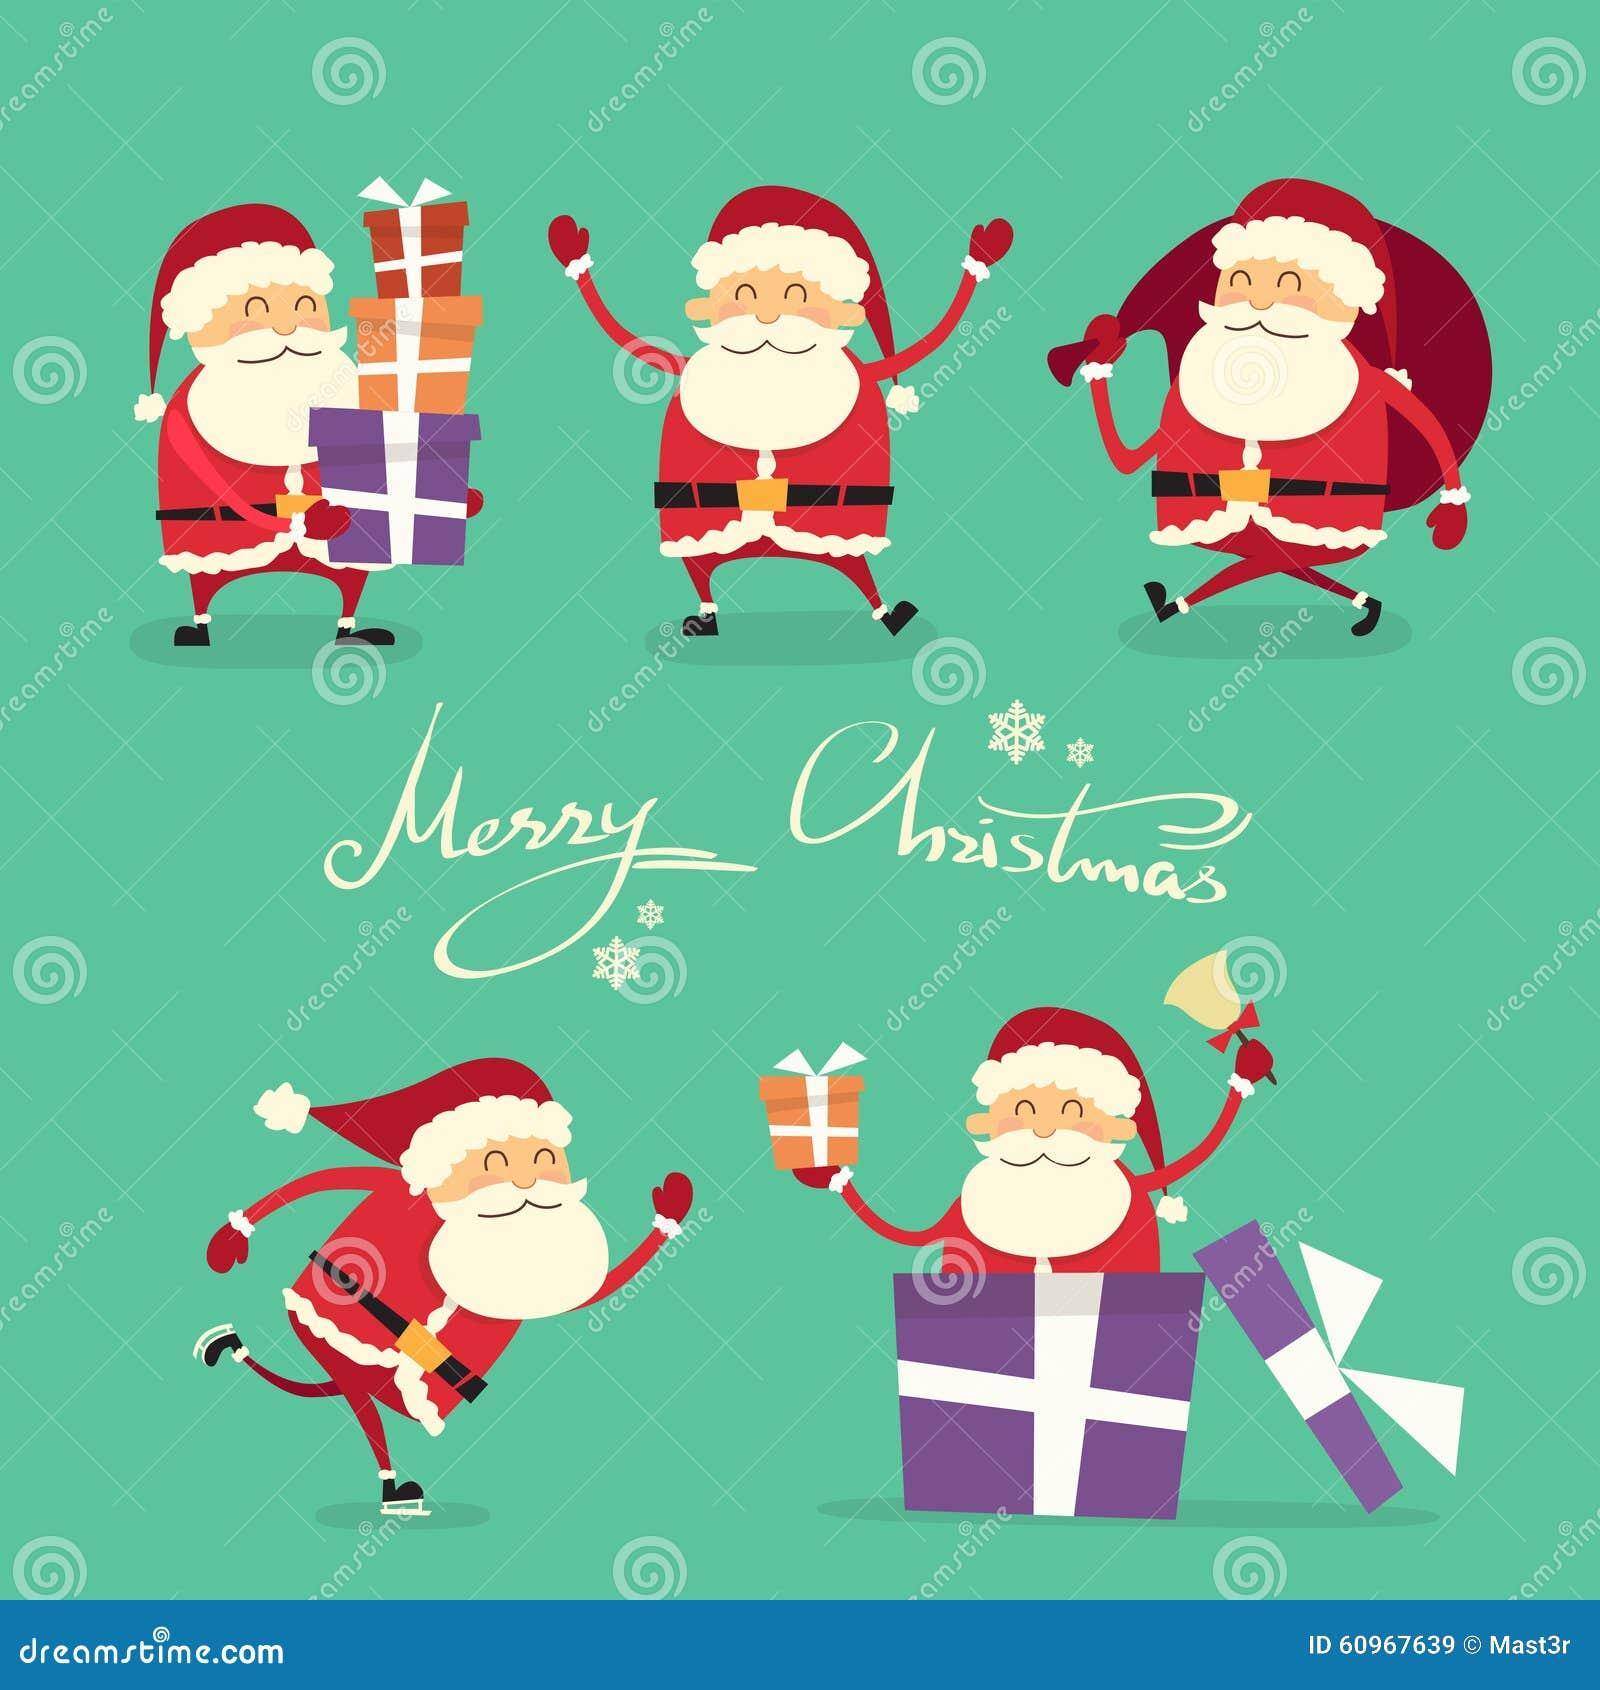 Santa claus cartoon character set gift box stock vector